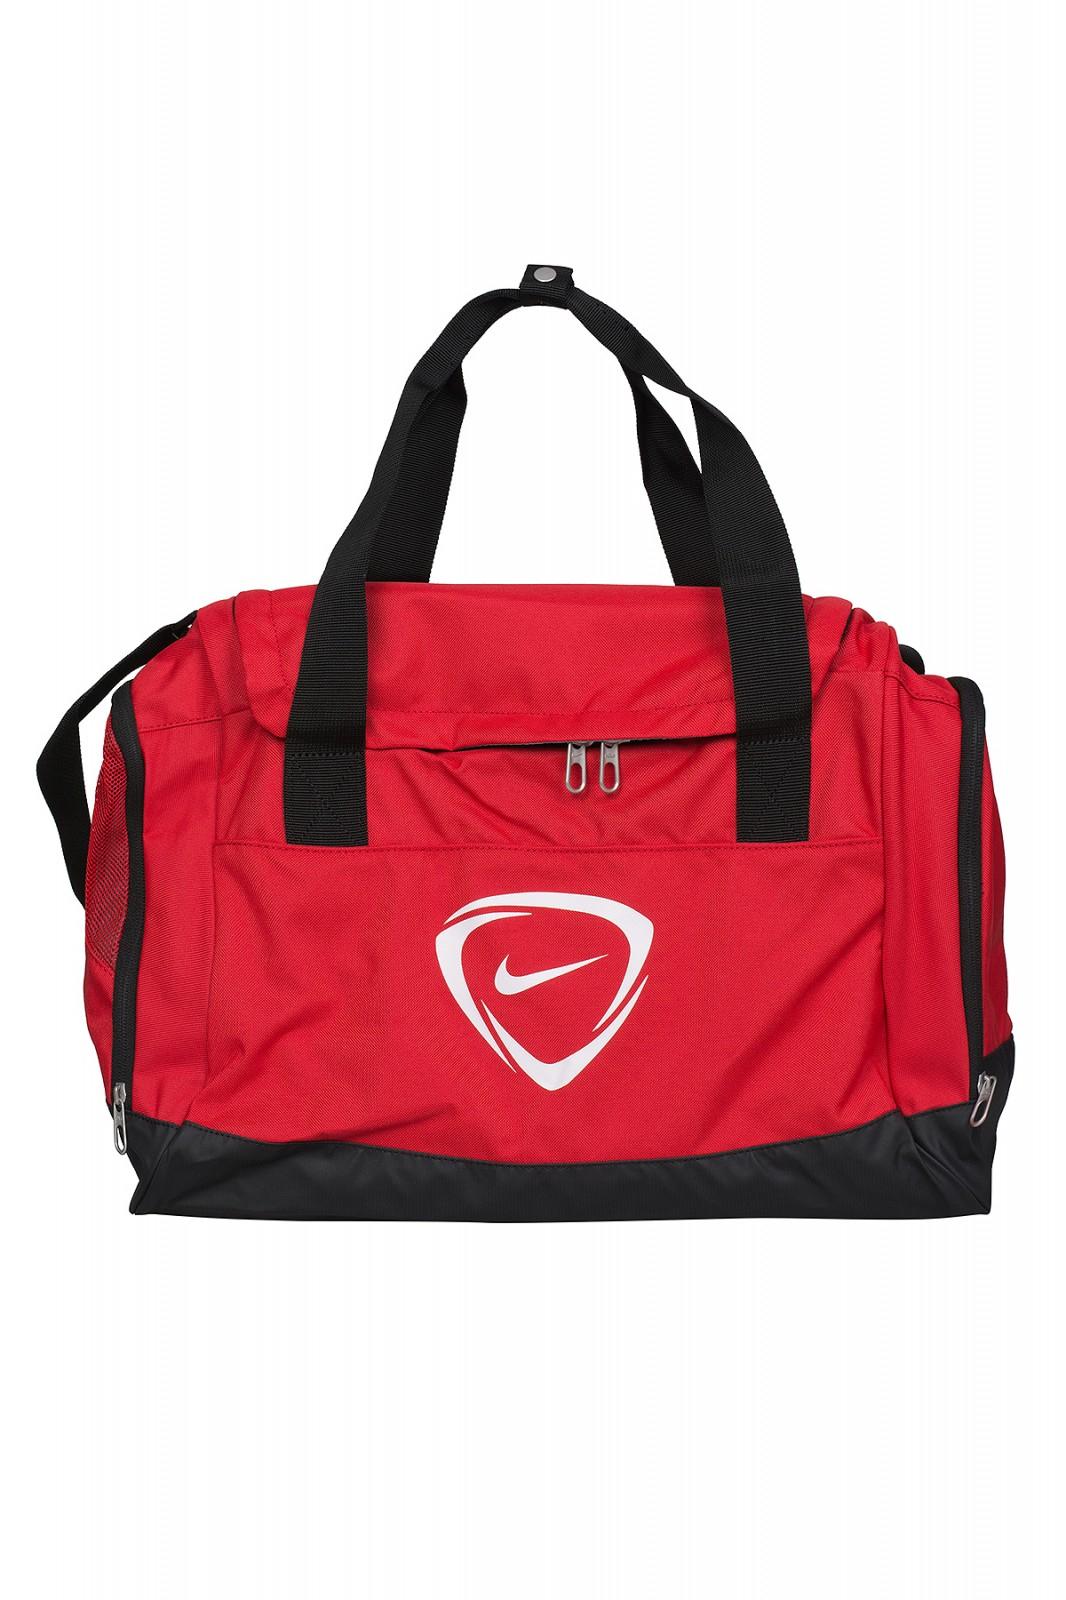 @ Outlet46 / NIKE Club Team Duffle Sport-Tasche Rot für nur 9,99€